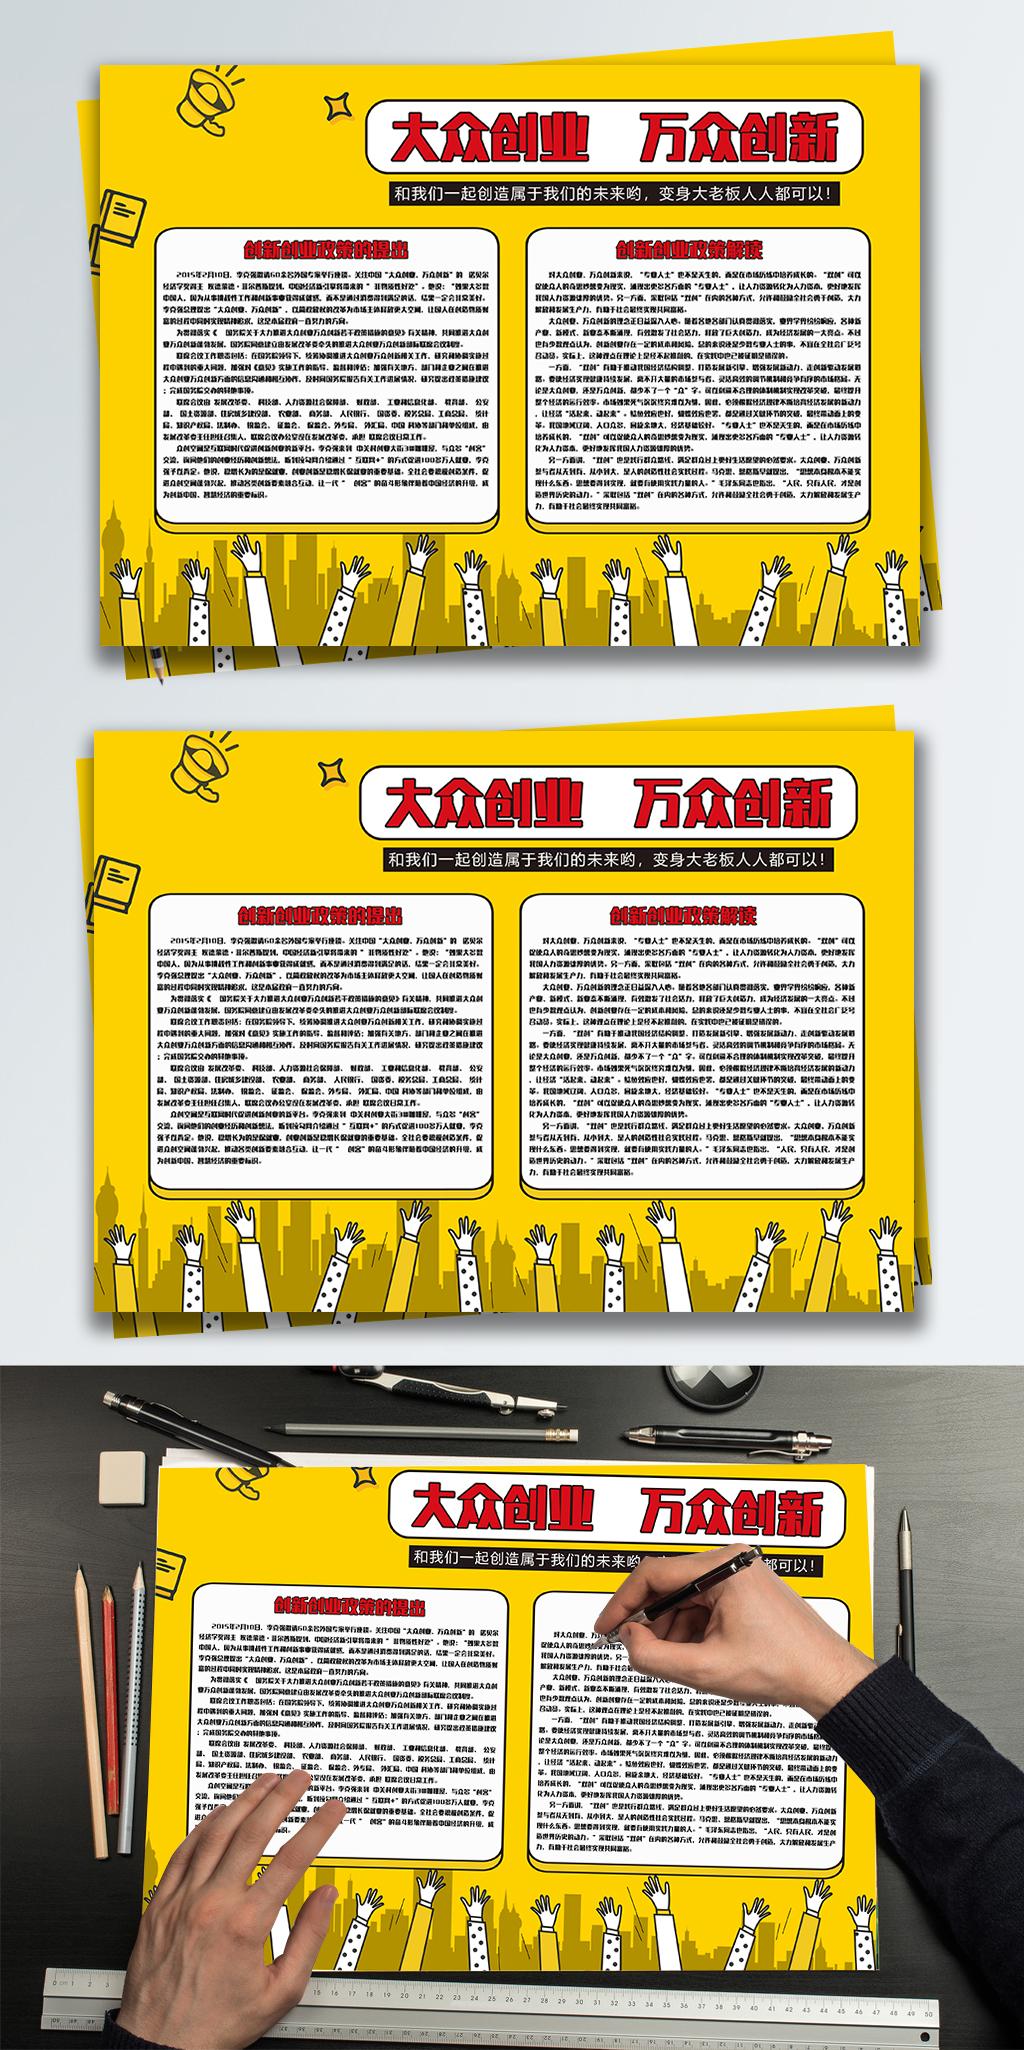 创新创业黄色卡通风格手抄报图片素材 PSB格式 下载 其他大全